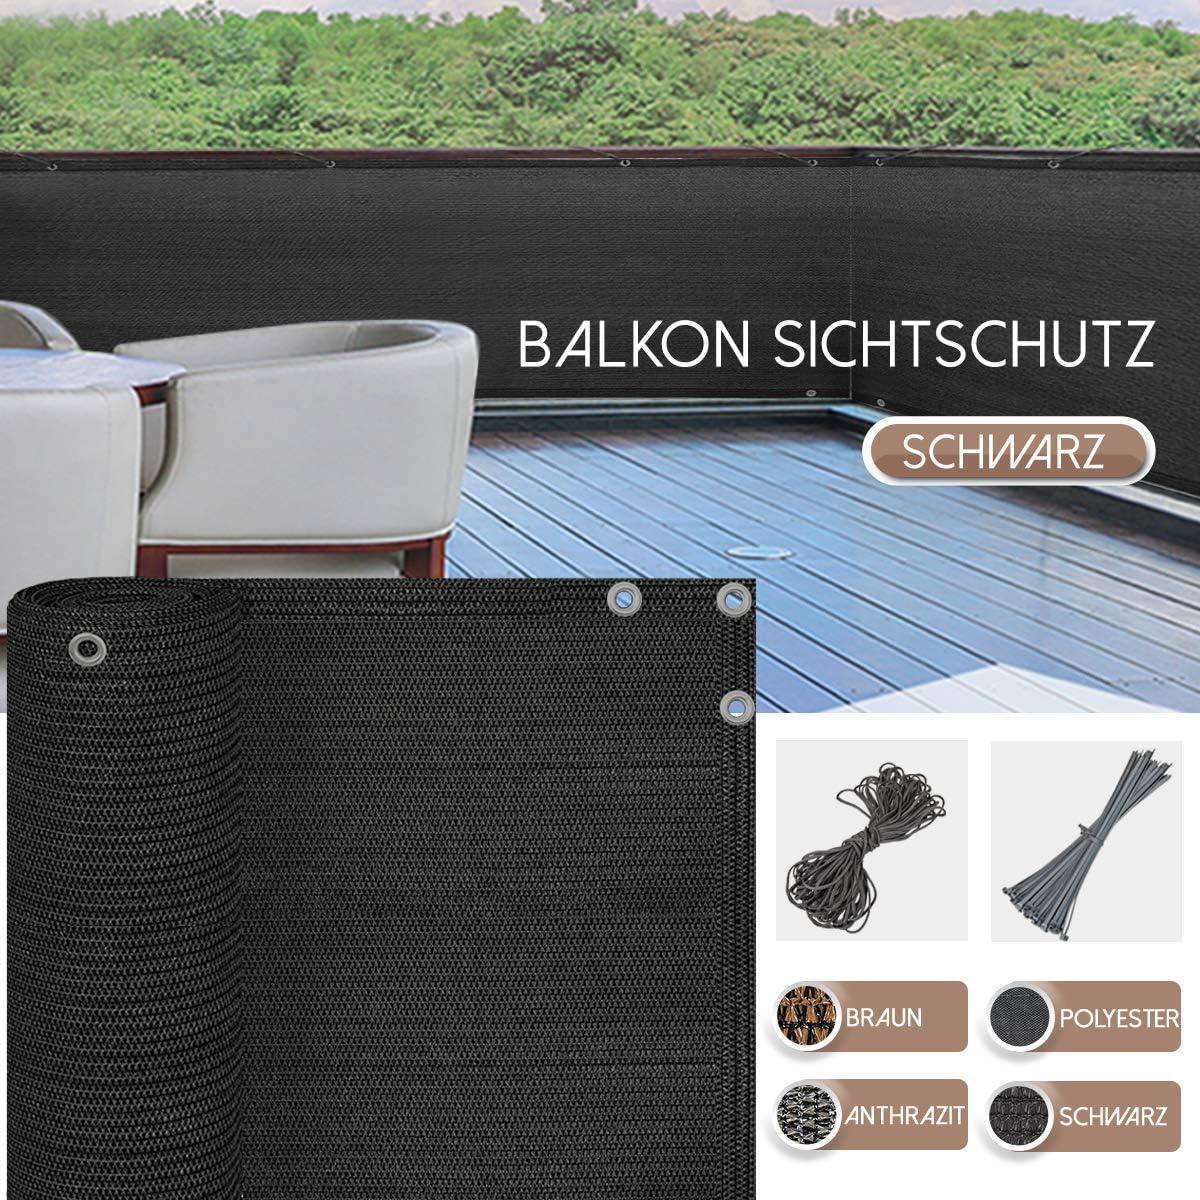 BALCONIO Balkon Sichtschutz wasserabweisend Balkonbespannung Balkonabdeckung f/ür Balkon Terrasse aus Polyester-400 x 85 cm-Grau